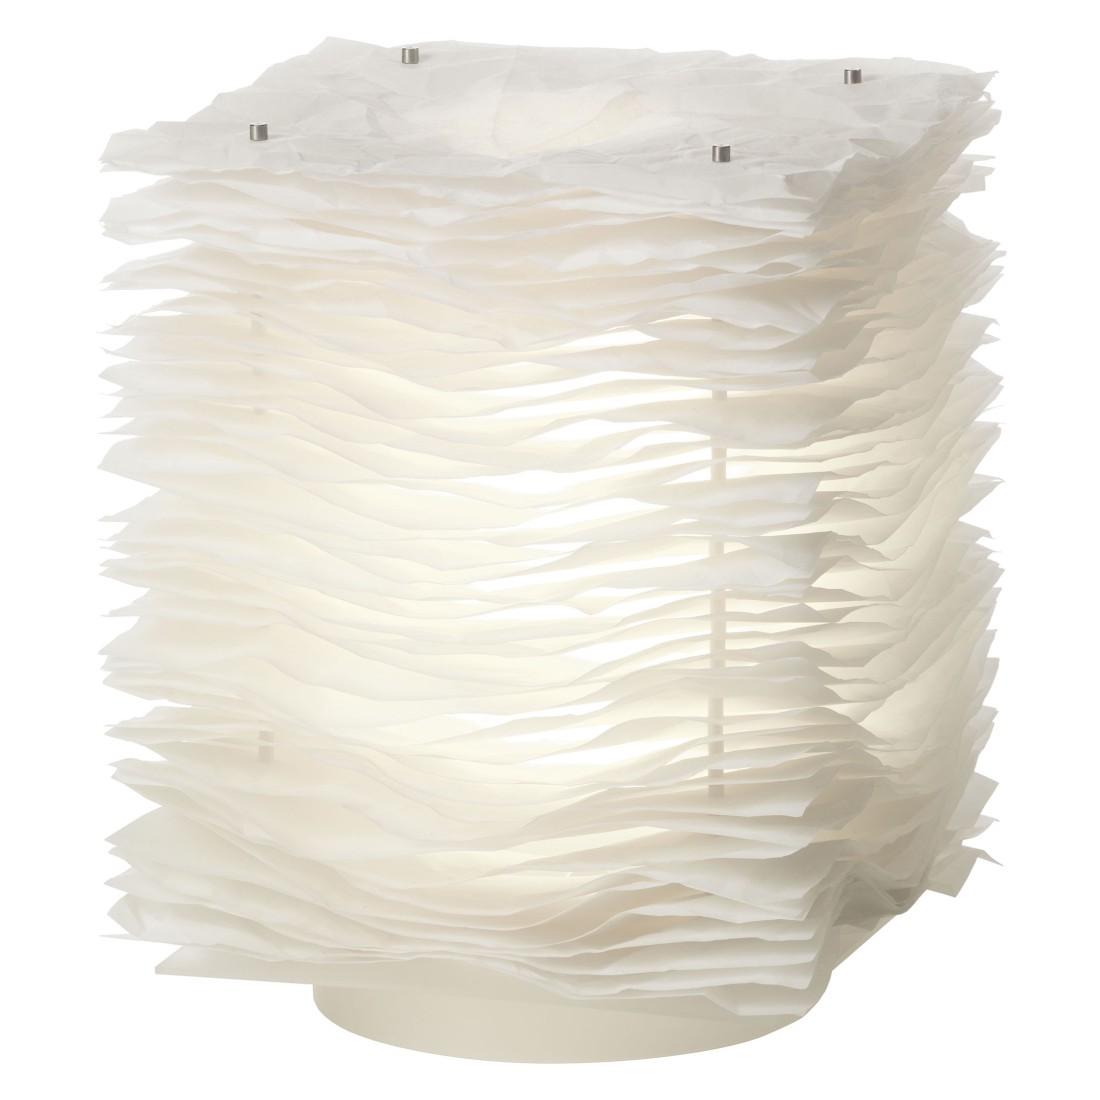 Tischleuchte One by One-05 ● Polyester Weiß- Belux